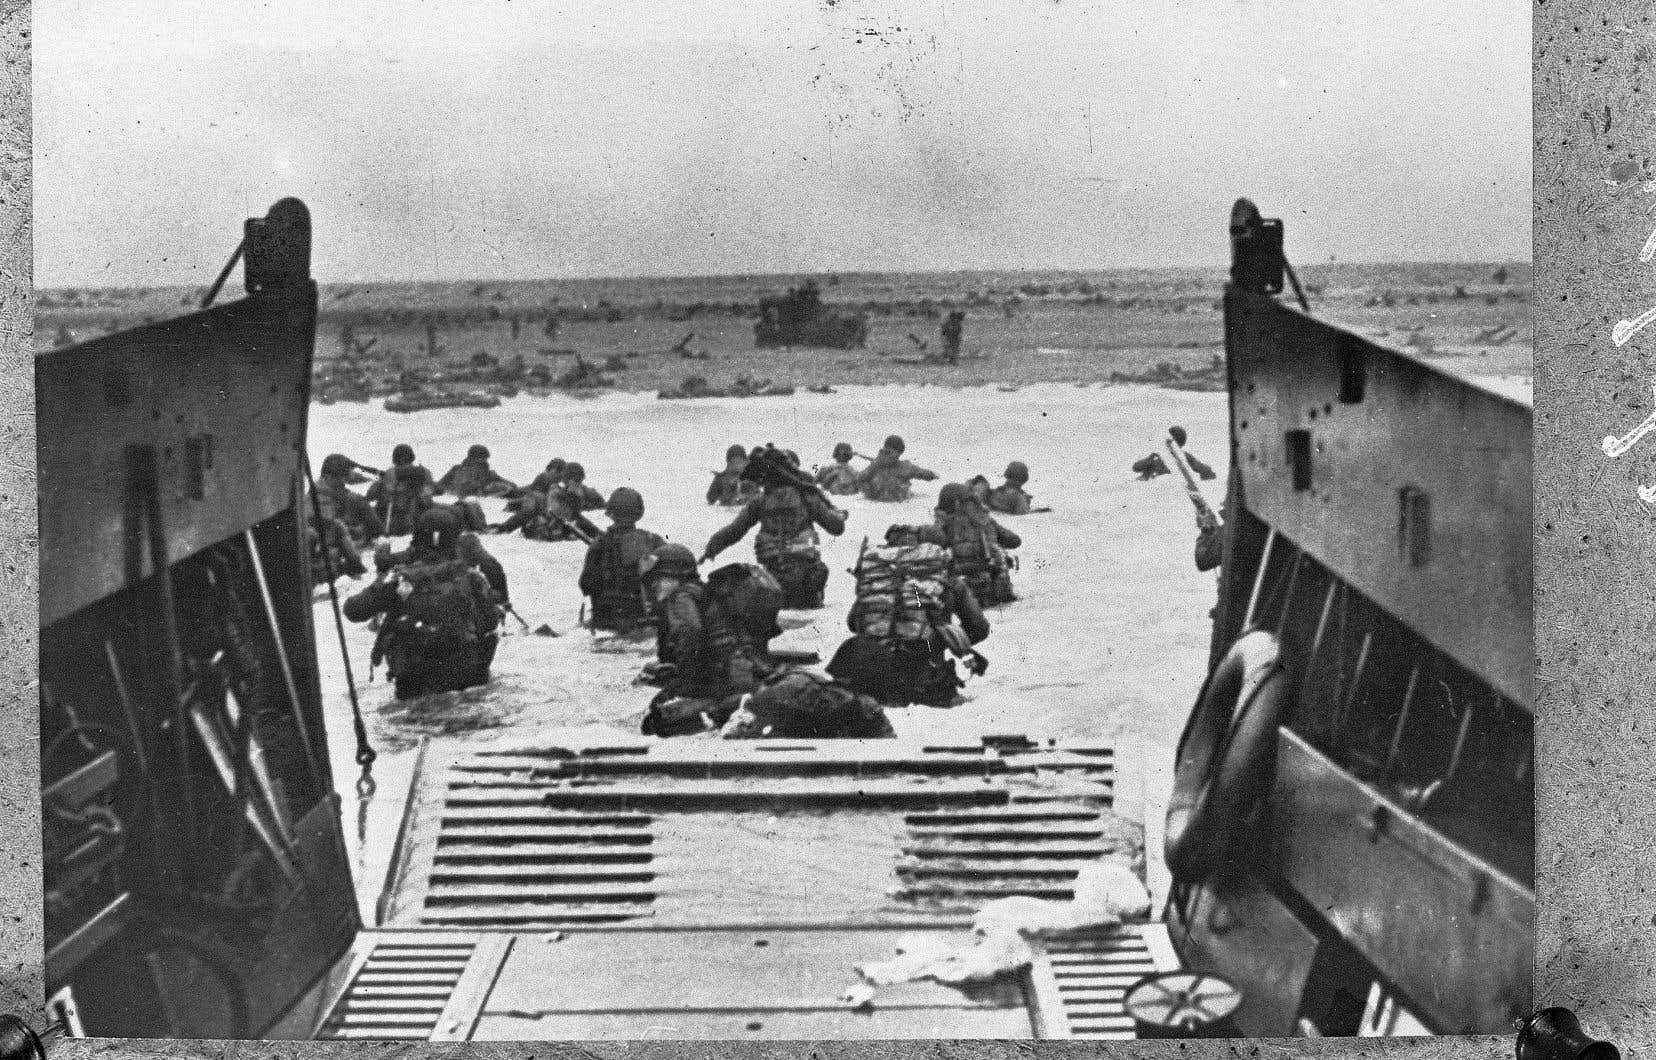 Des soldats américains se lançant tant bien que mal à l'assaut d'Omaha Beach, surnommée «Bloody Omaha». Ce fut la plage la plus meurtrière du débarquement, avec plus de 1000 morts.